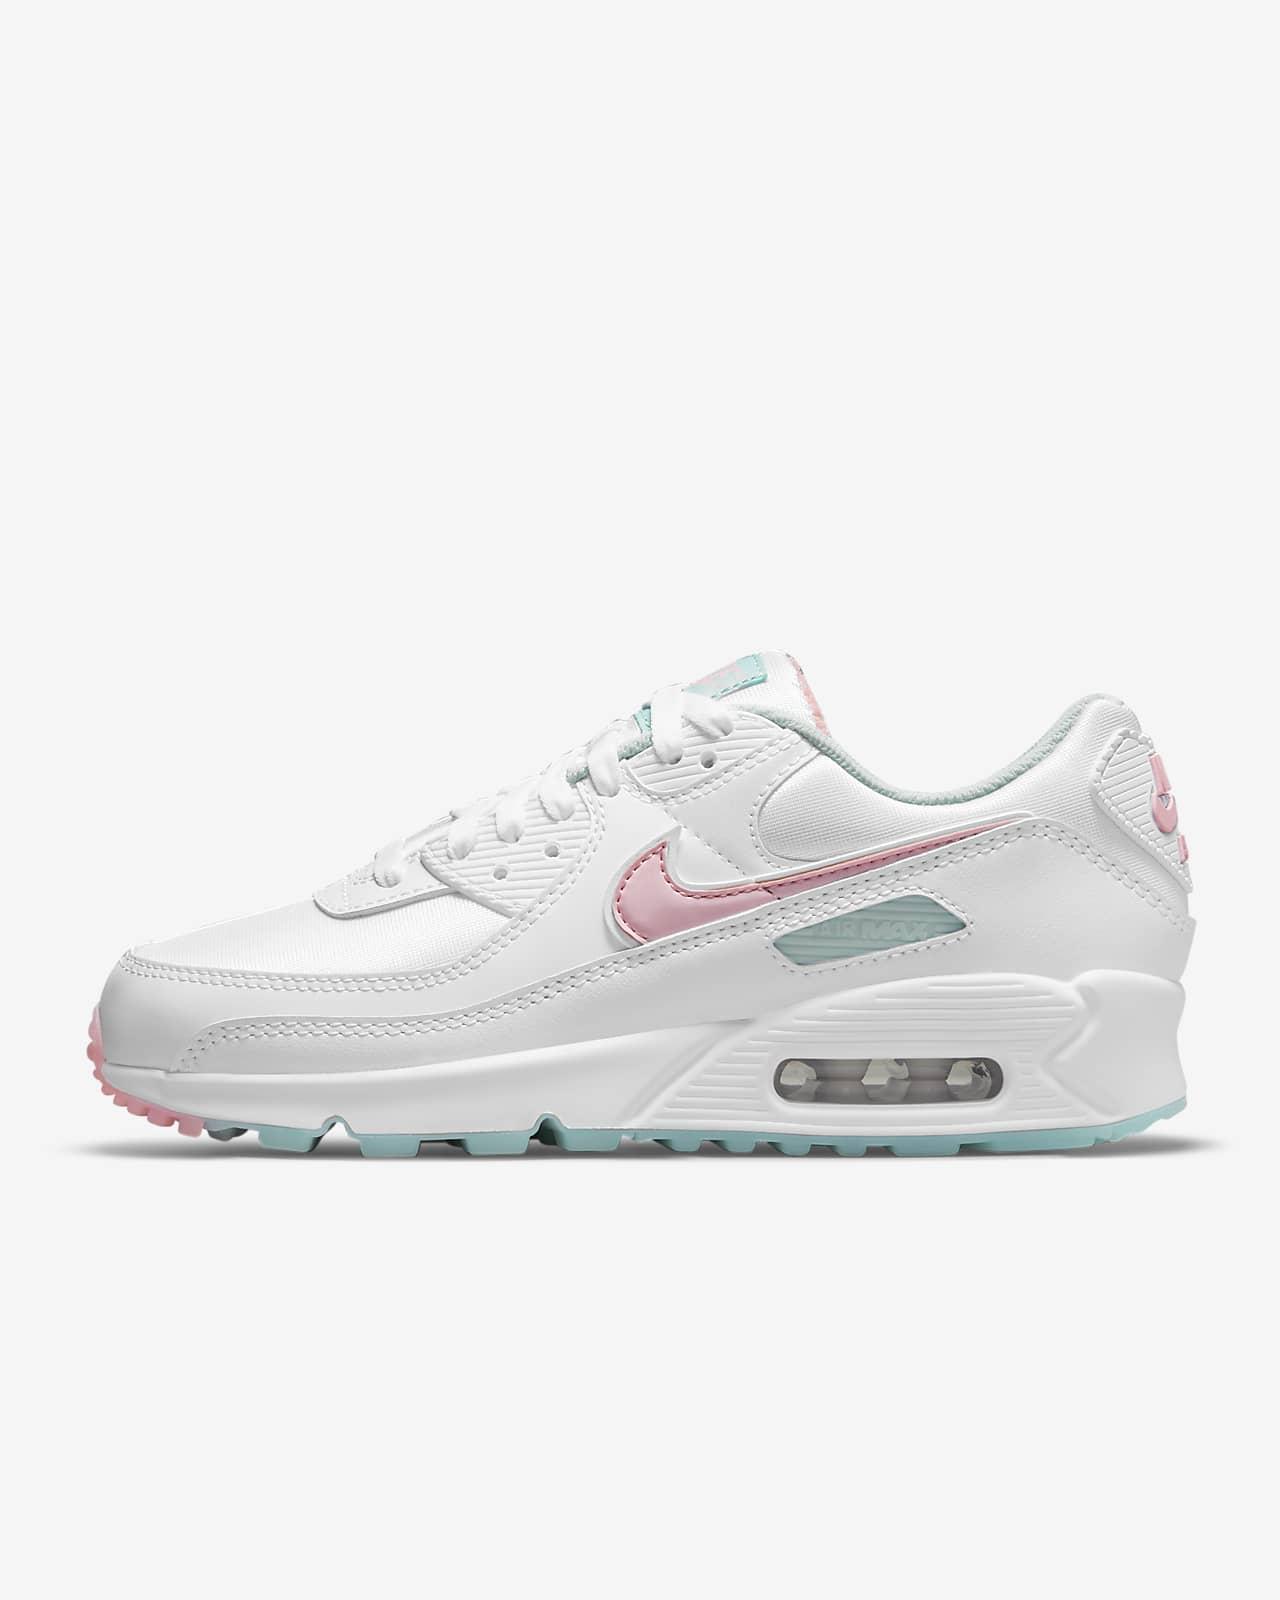 Γυναικεία παπούτσια Nike Air Max 90